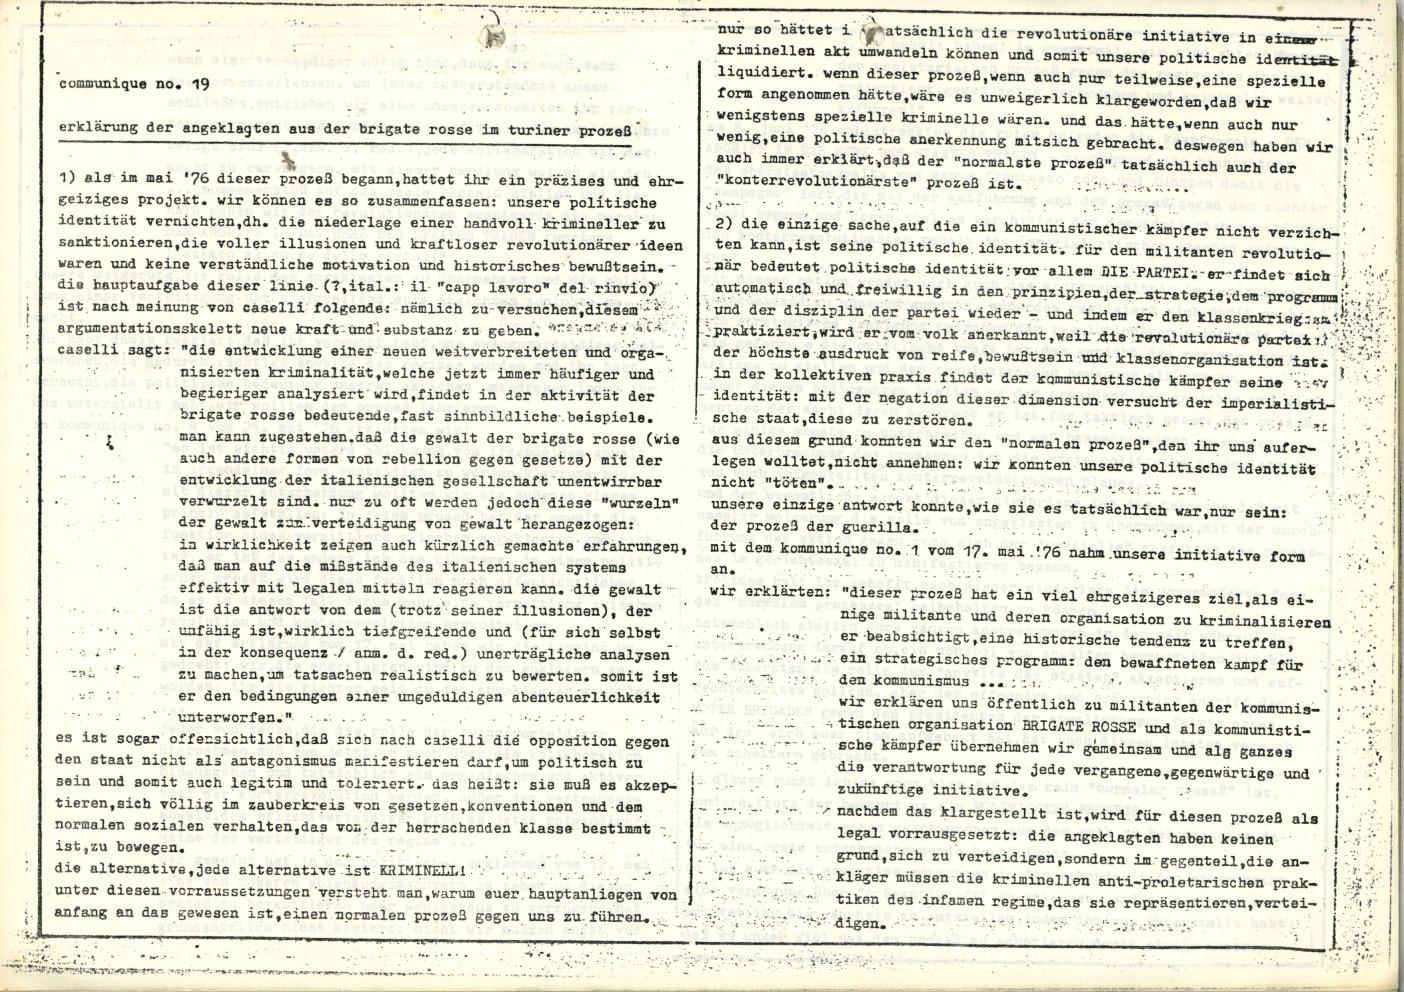 Italien_Brigate_Rosse_1982_Texte_1_16